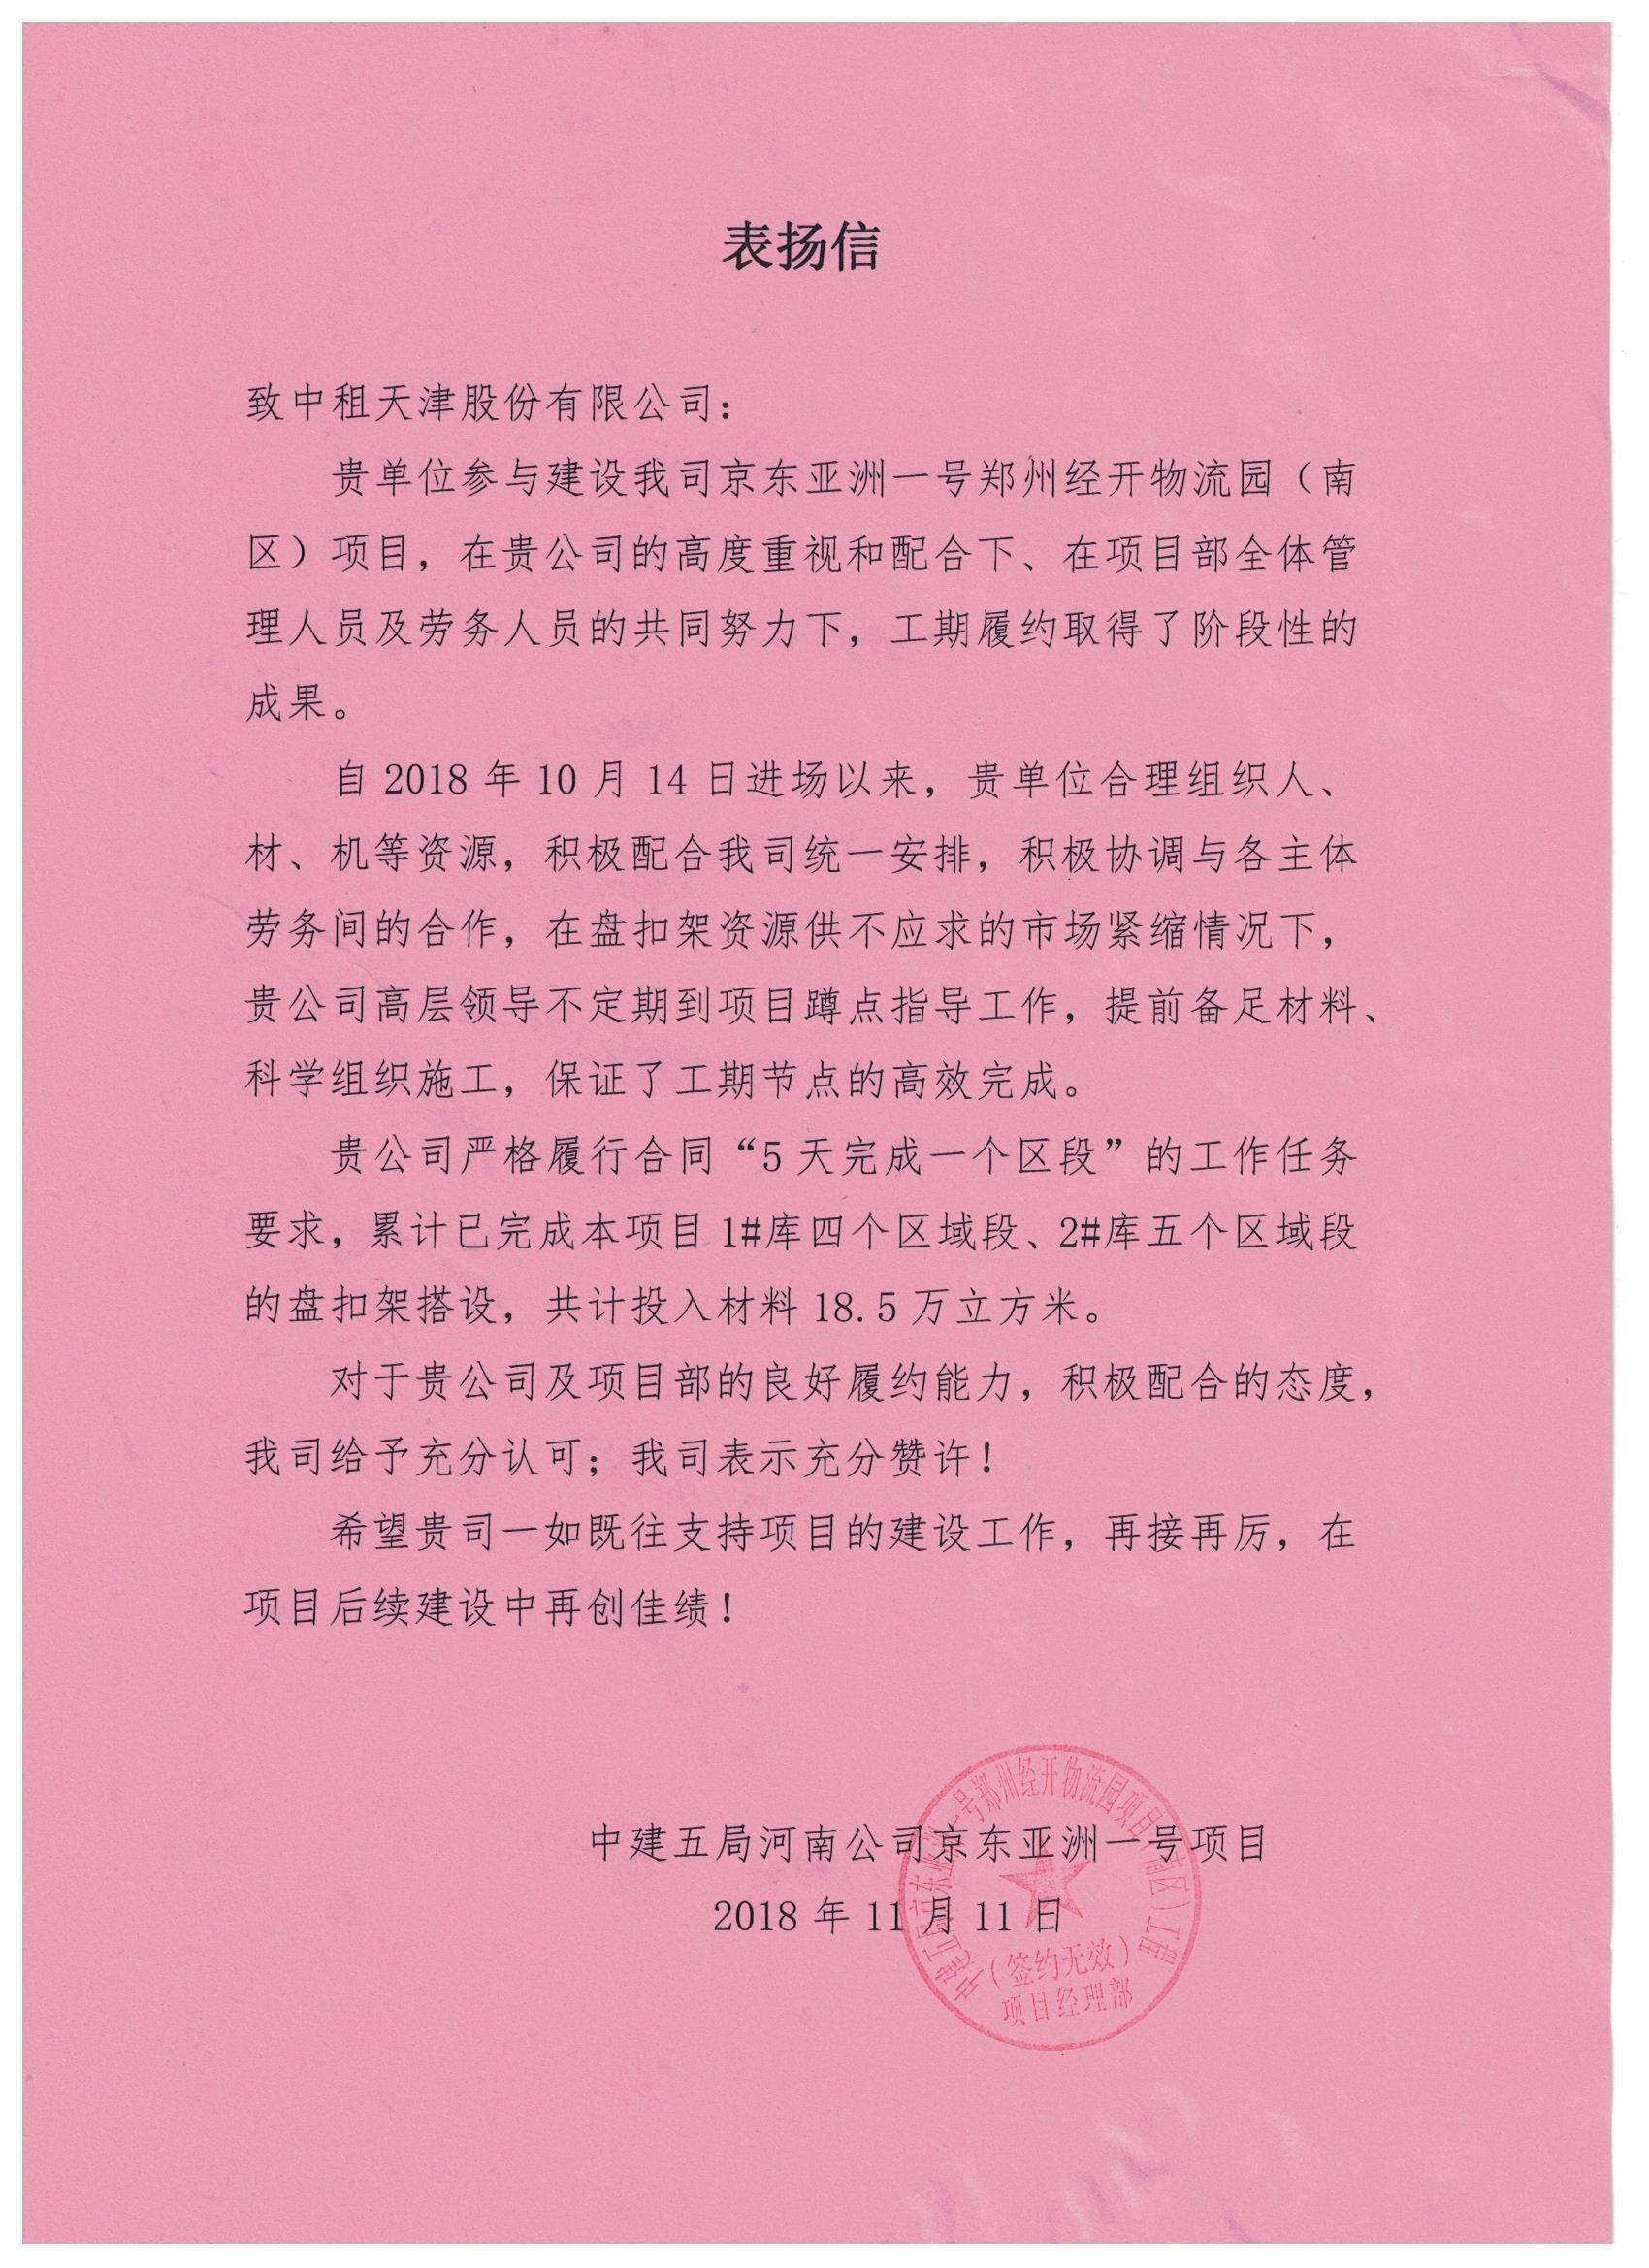 表揚信-鄭州京東